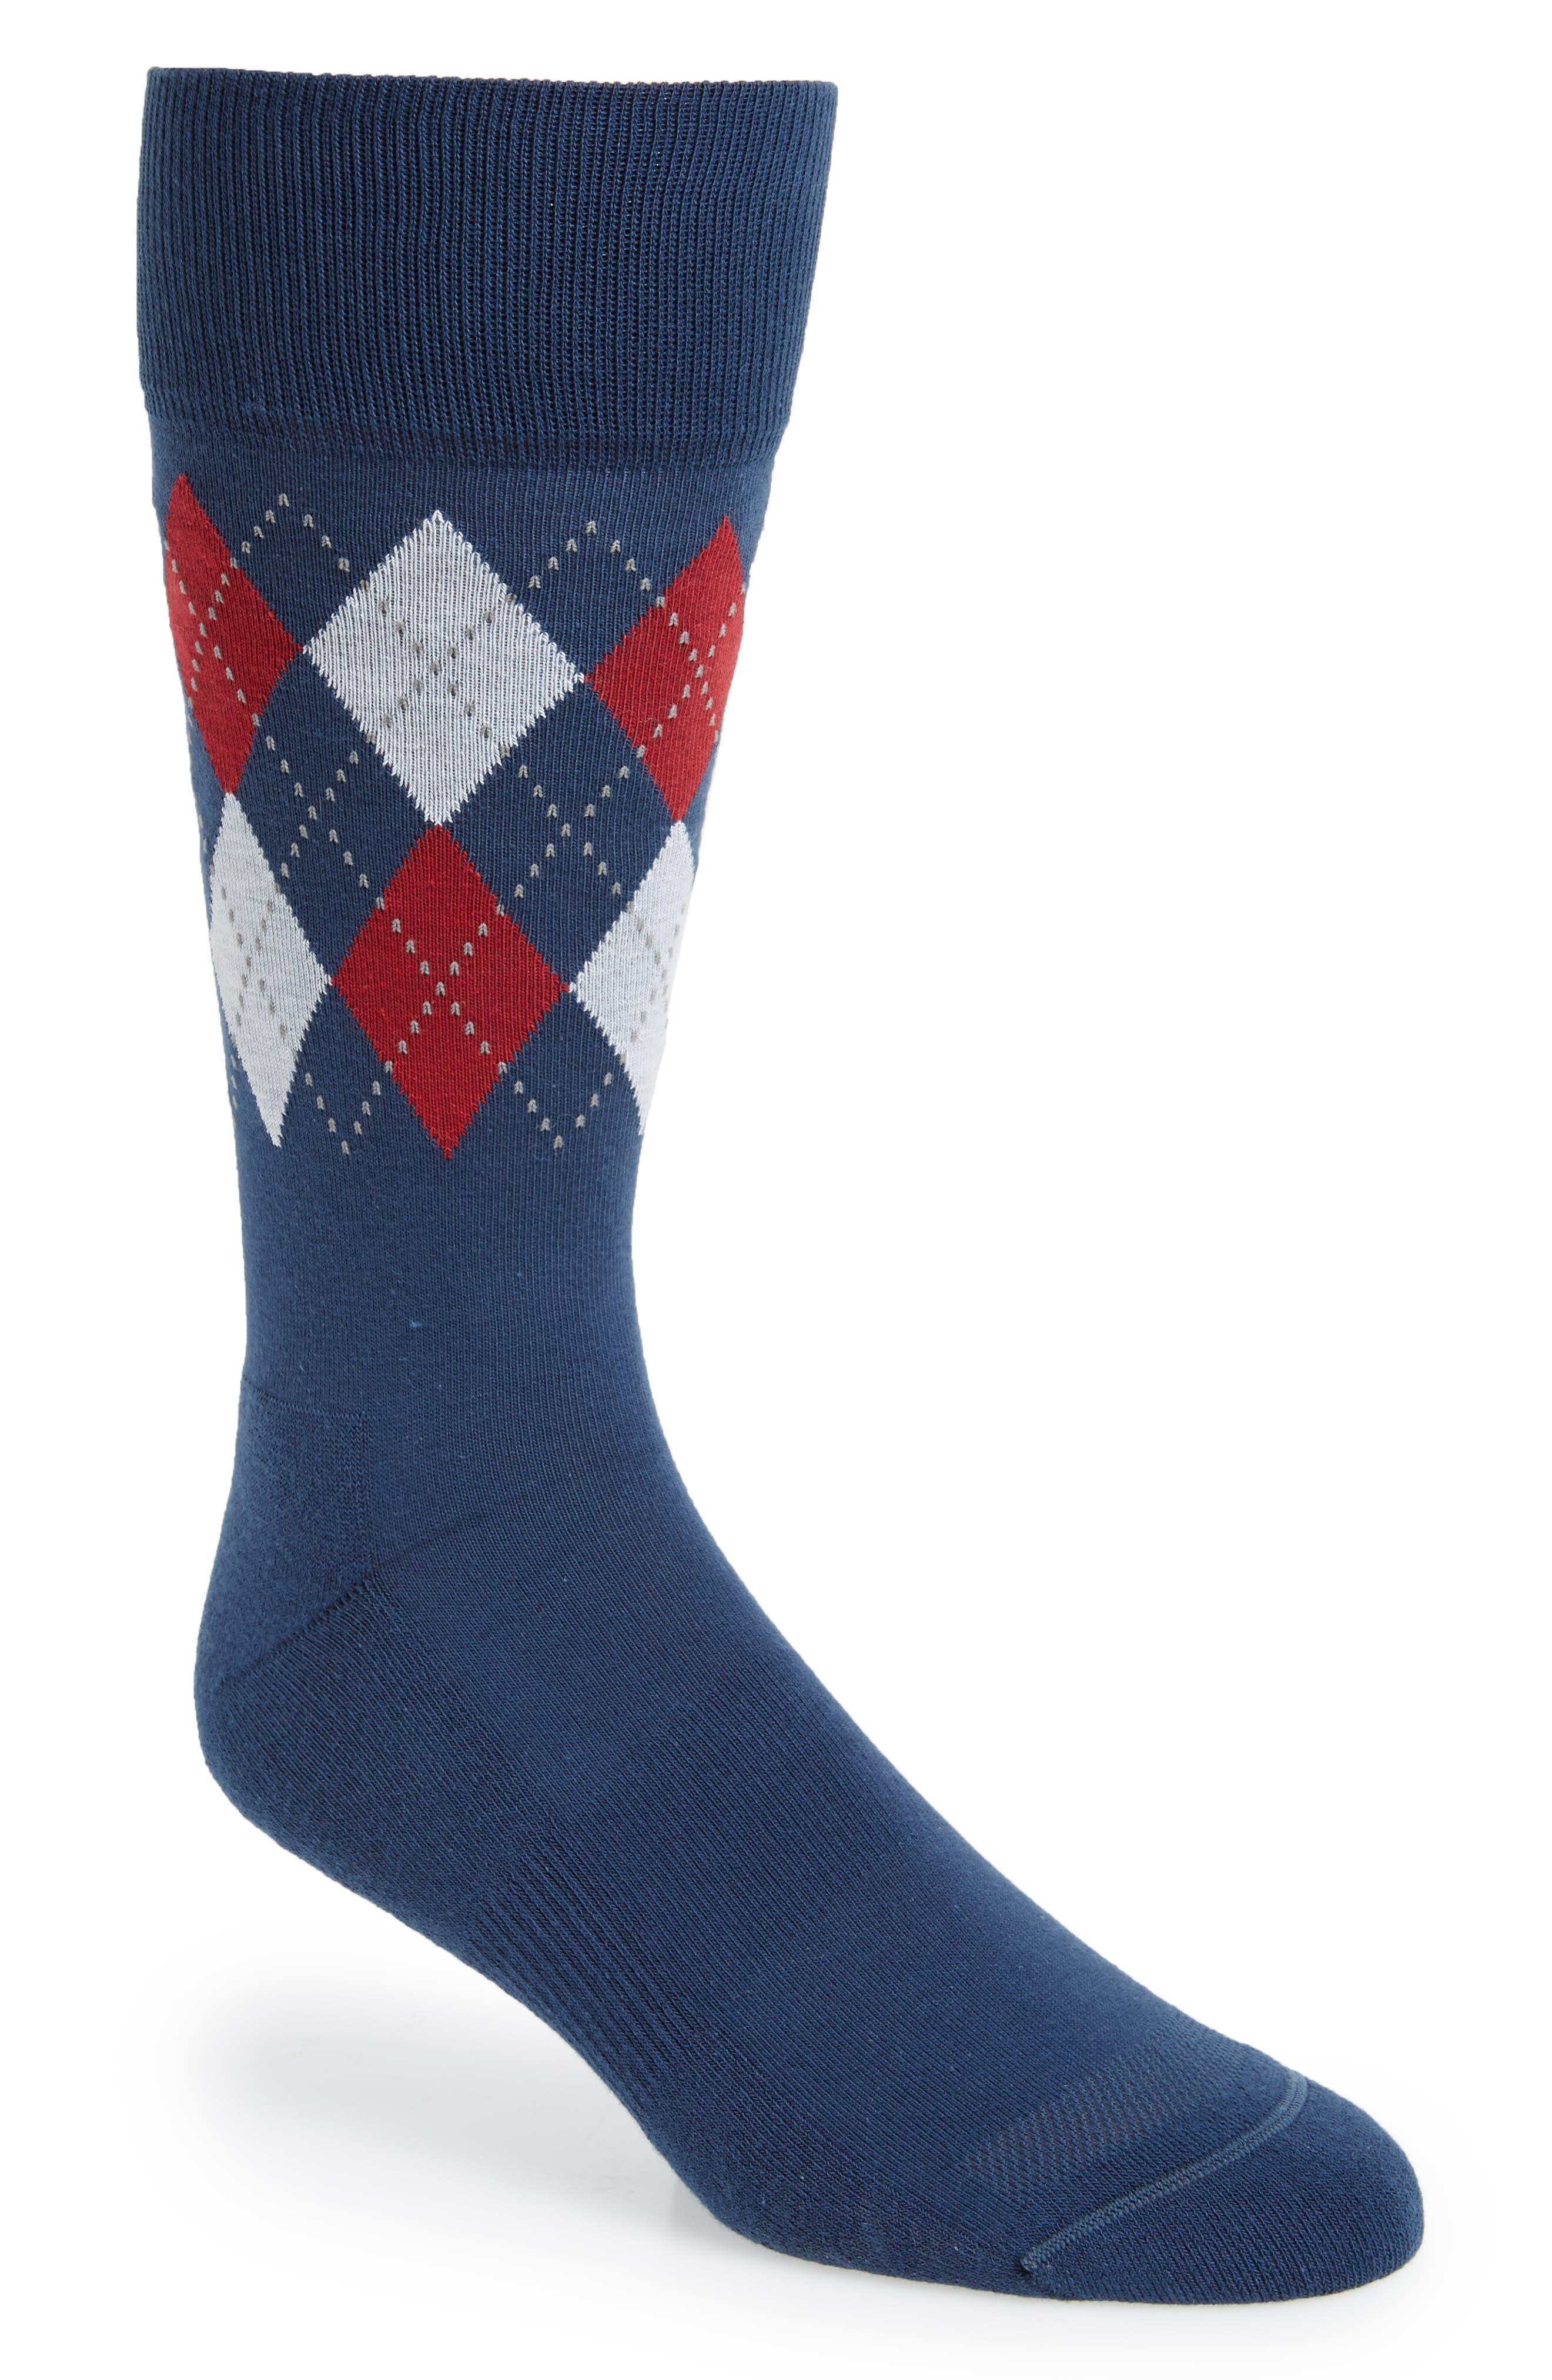 Alternate Image 1 Selected - Nordstrom Men's Shop Argyle Band Socks